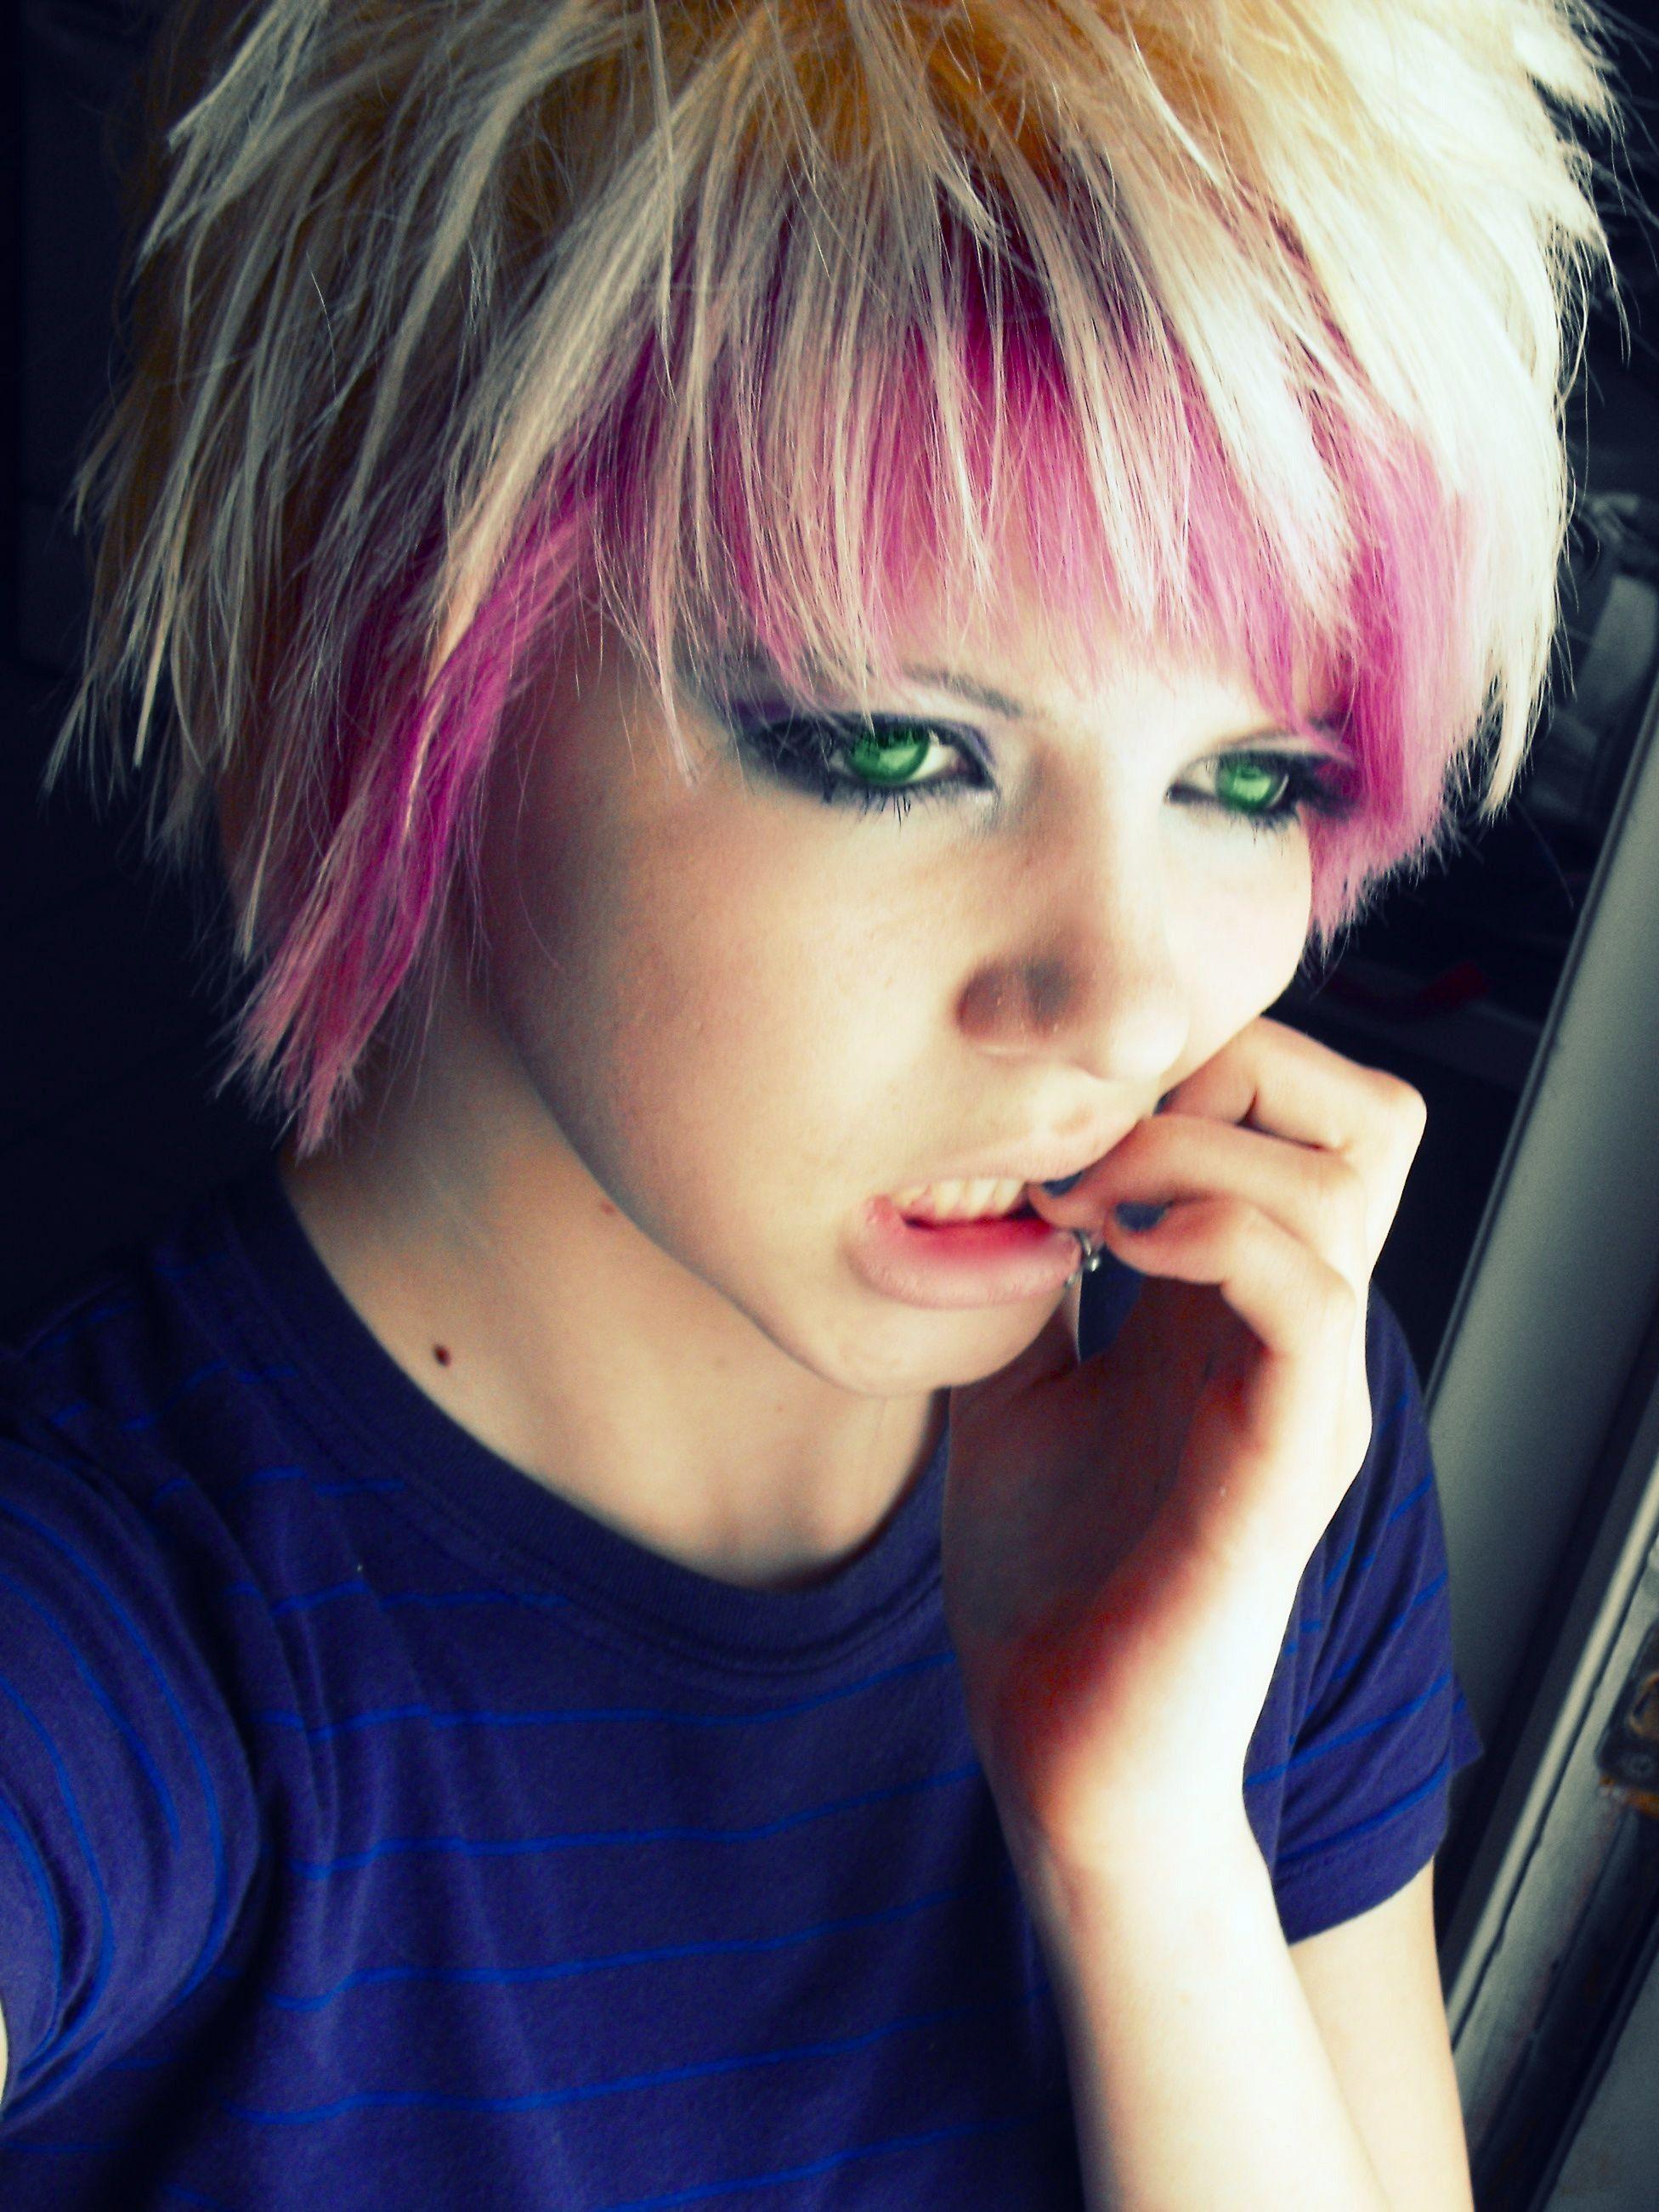 Beste kurze emo haircuts tipps emofrisurideen kurzeemofrisuren